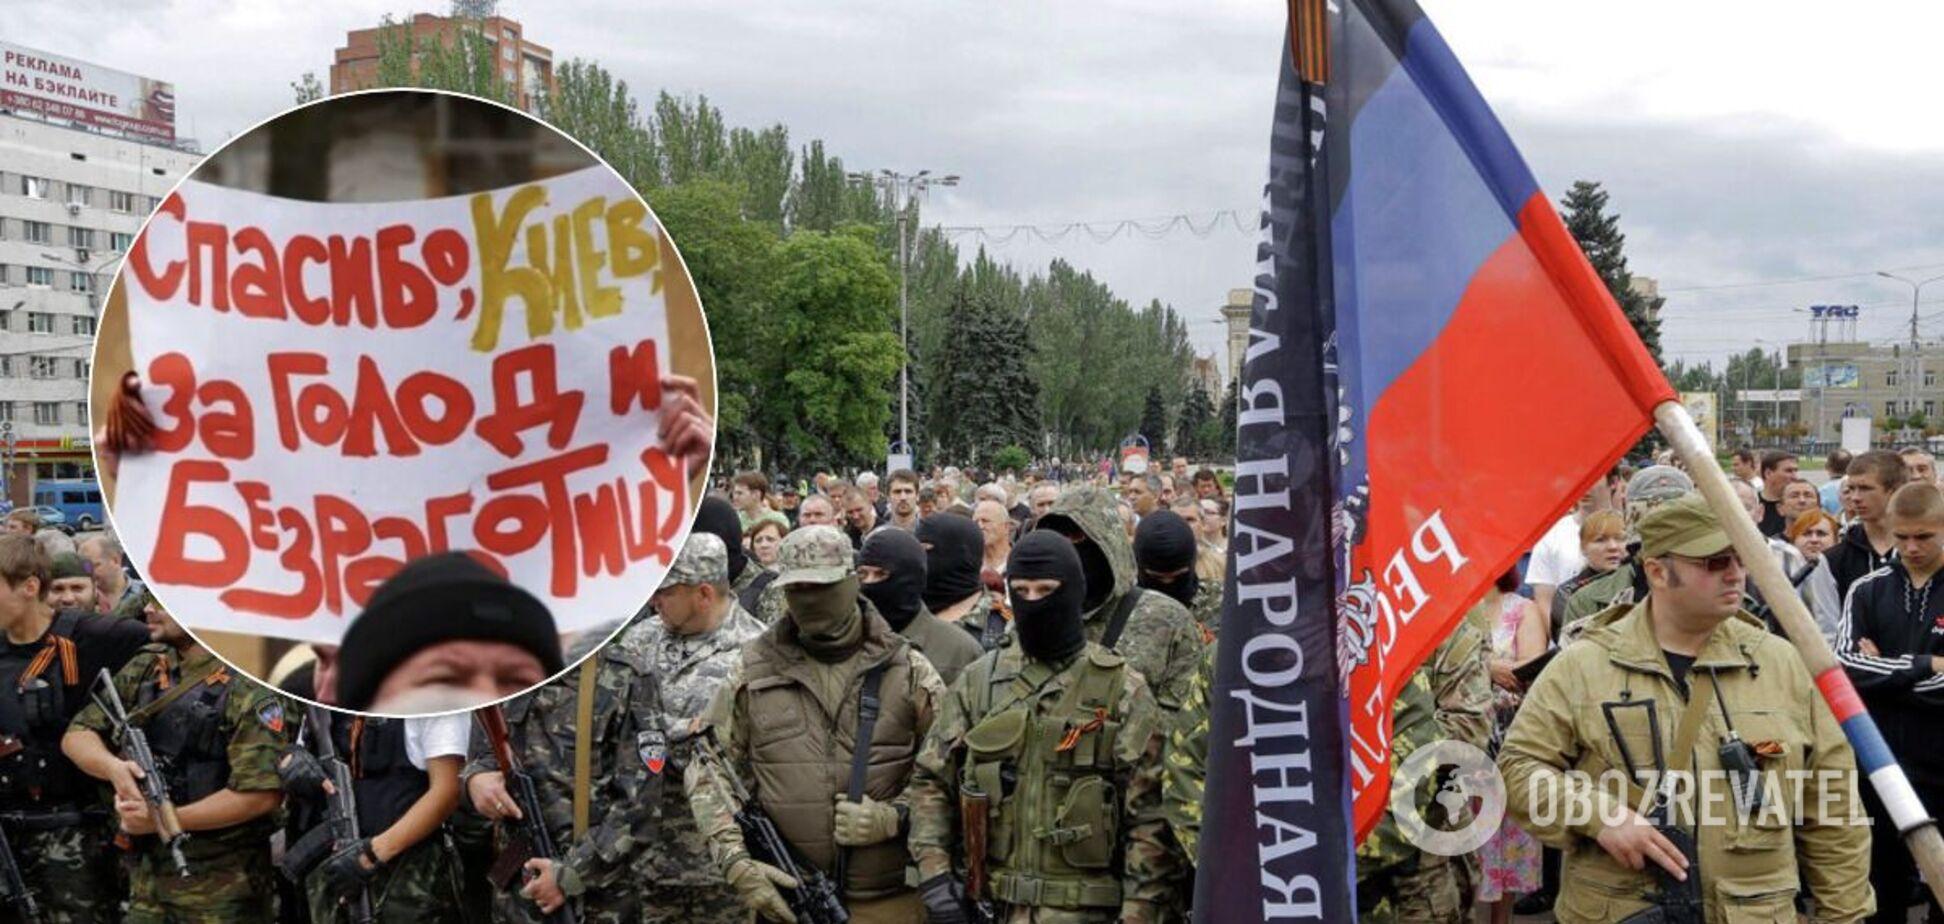 Из 'ДНР' массово бегут квалифицированные работники, – Казанский о 'русском мире' на Донбассе